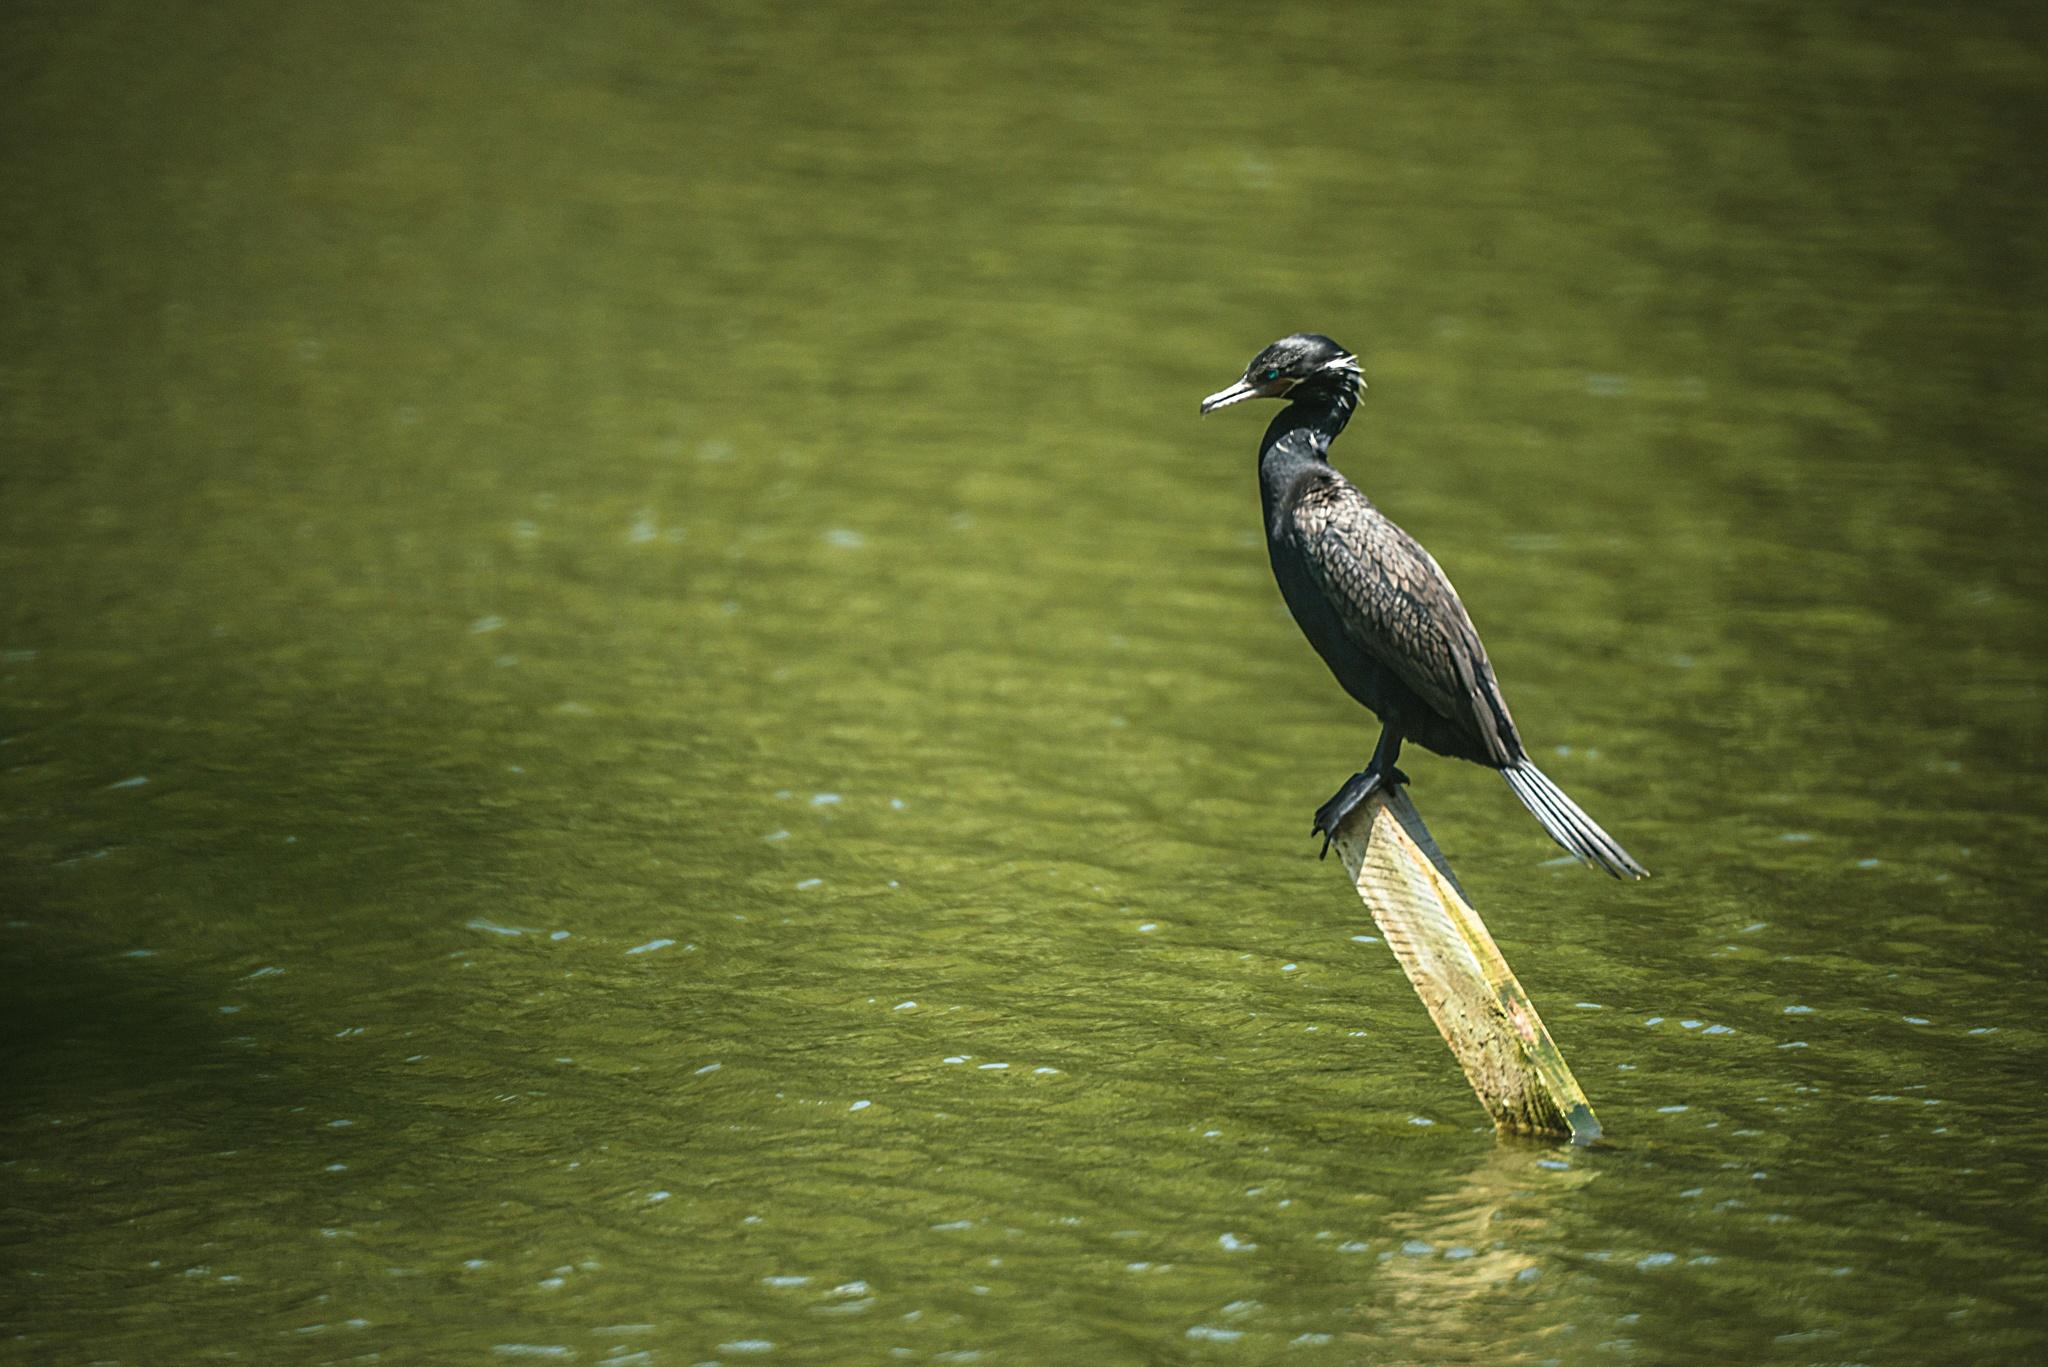 Neotropic Cormorant - Biguá by Junior Esteves